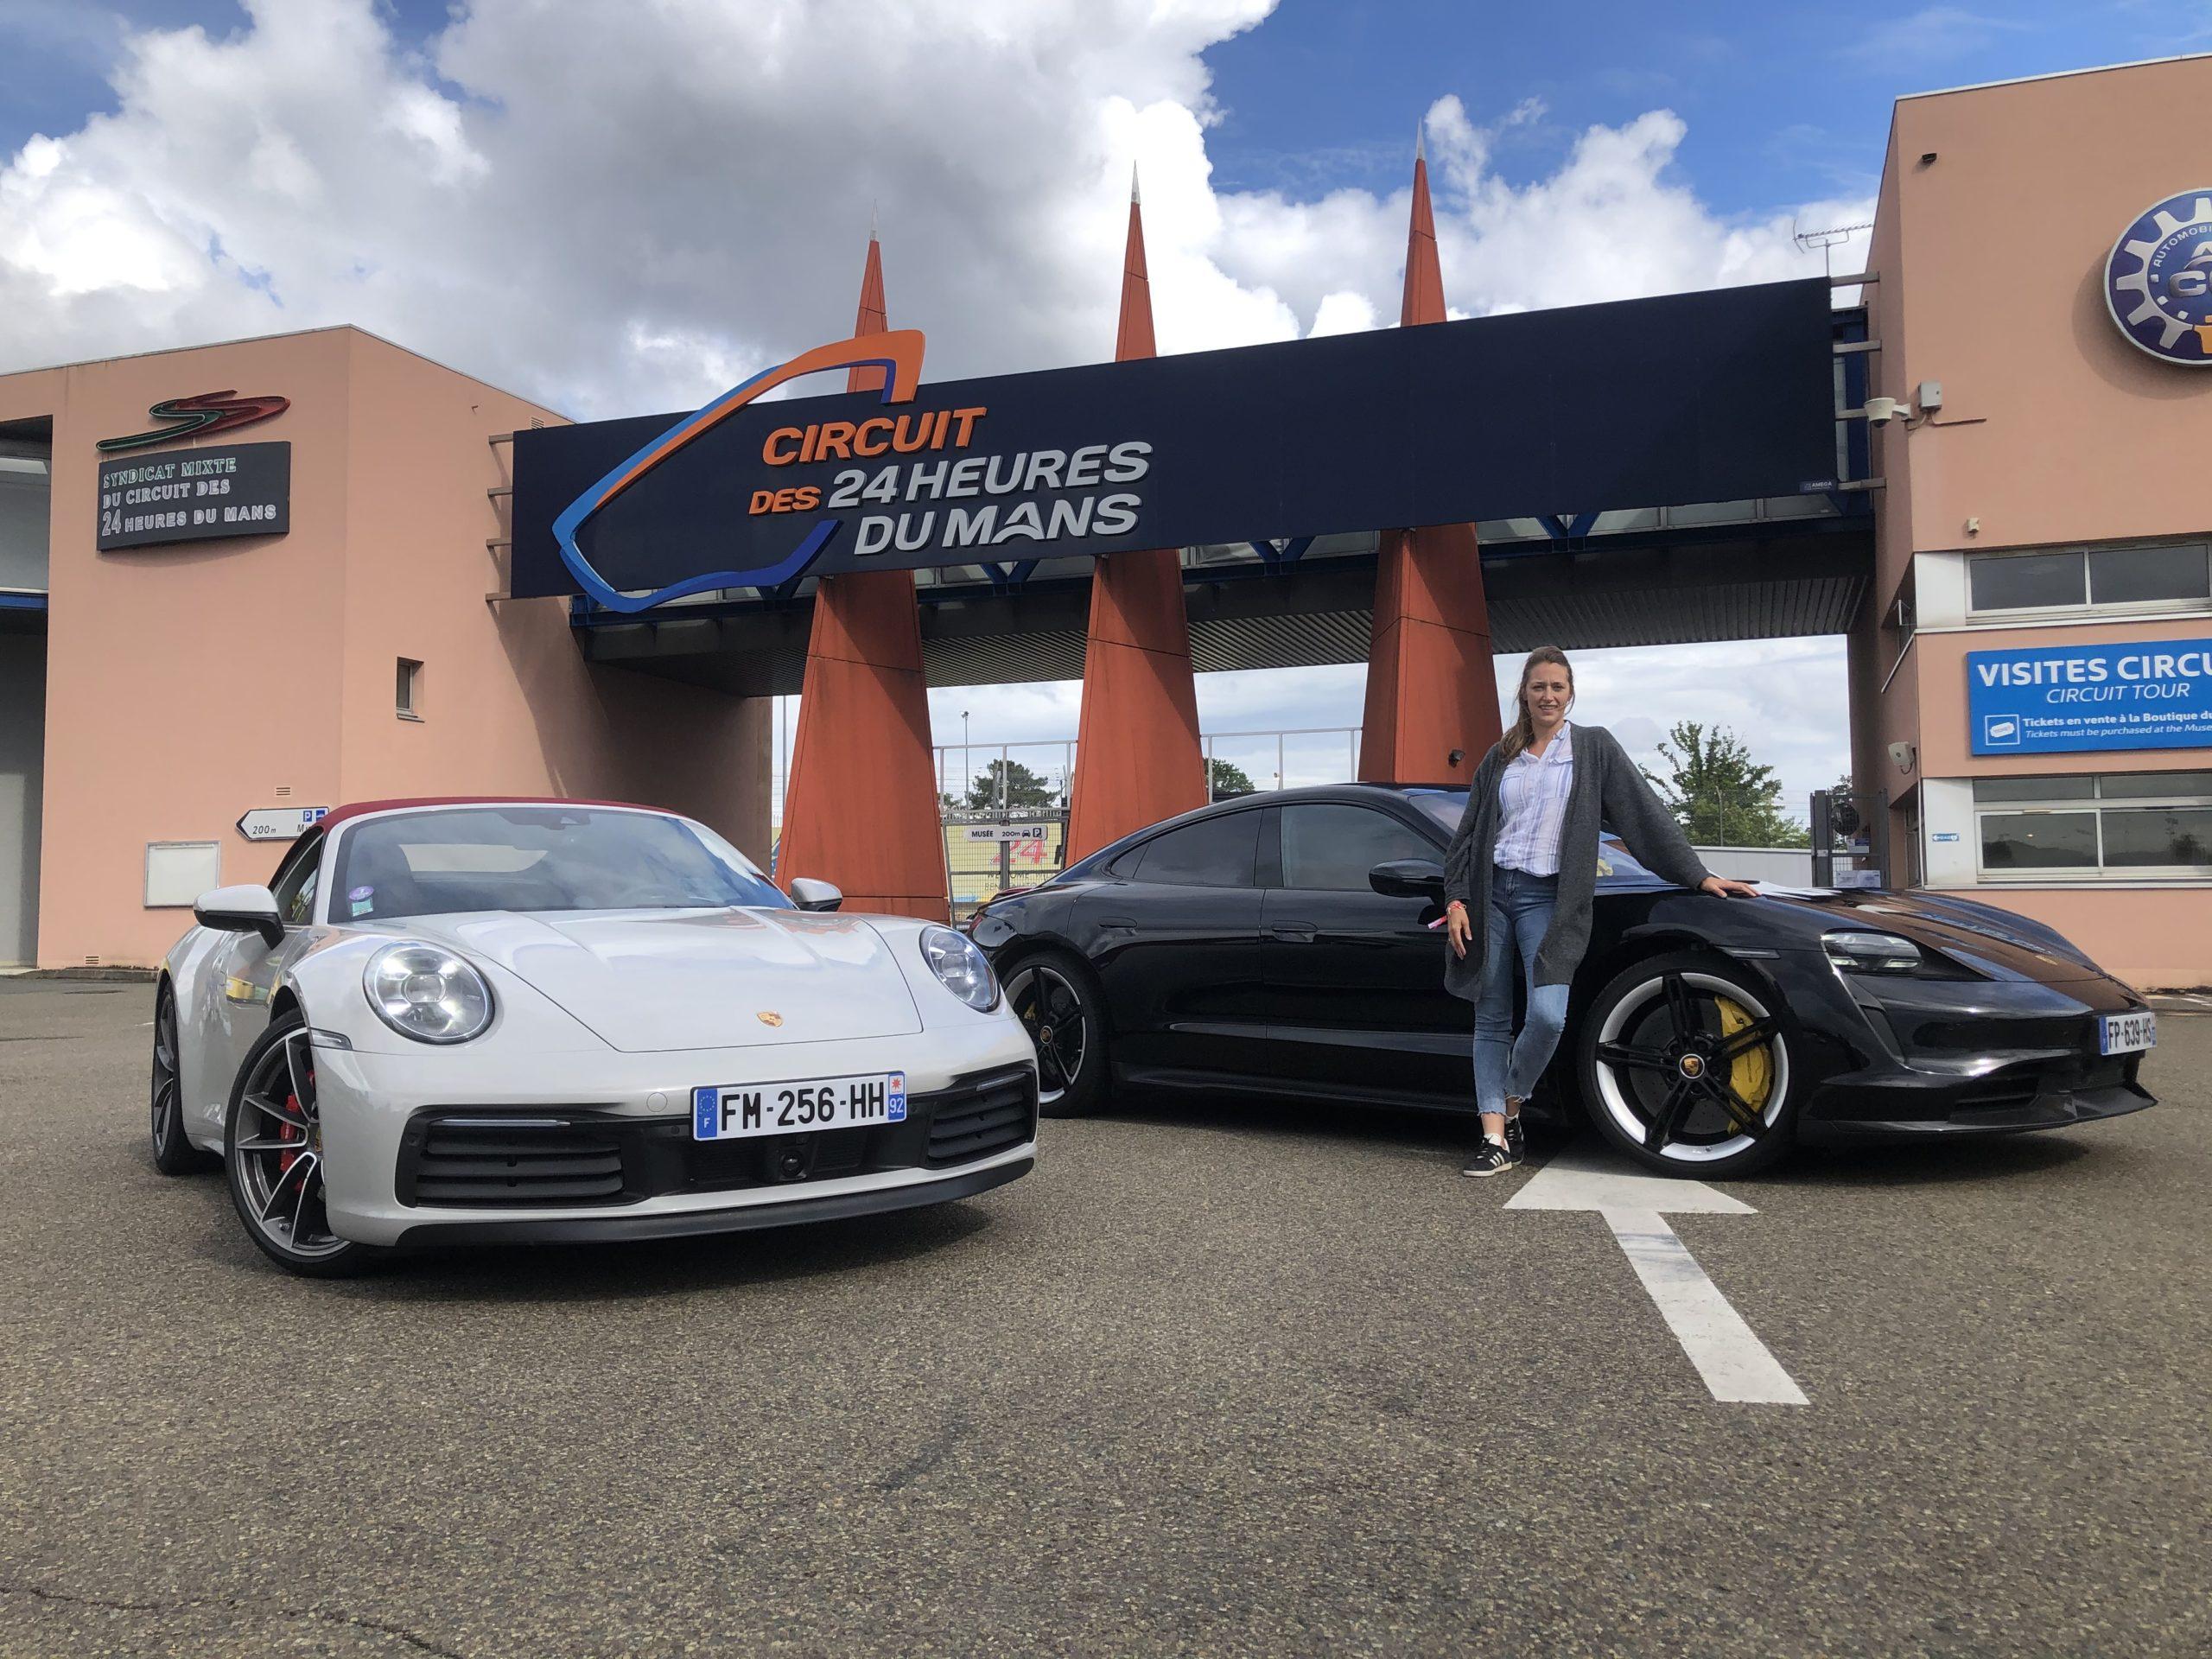 Porsche, Taycan, Porsche Taycan, voiture électrique, essai auto, clémence de bernis